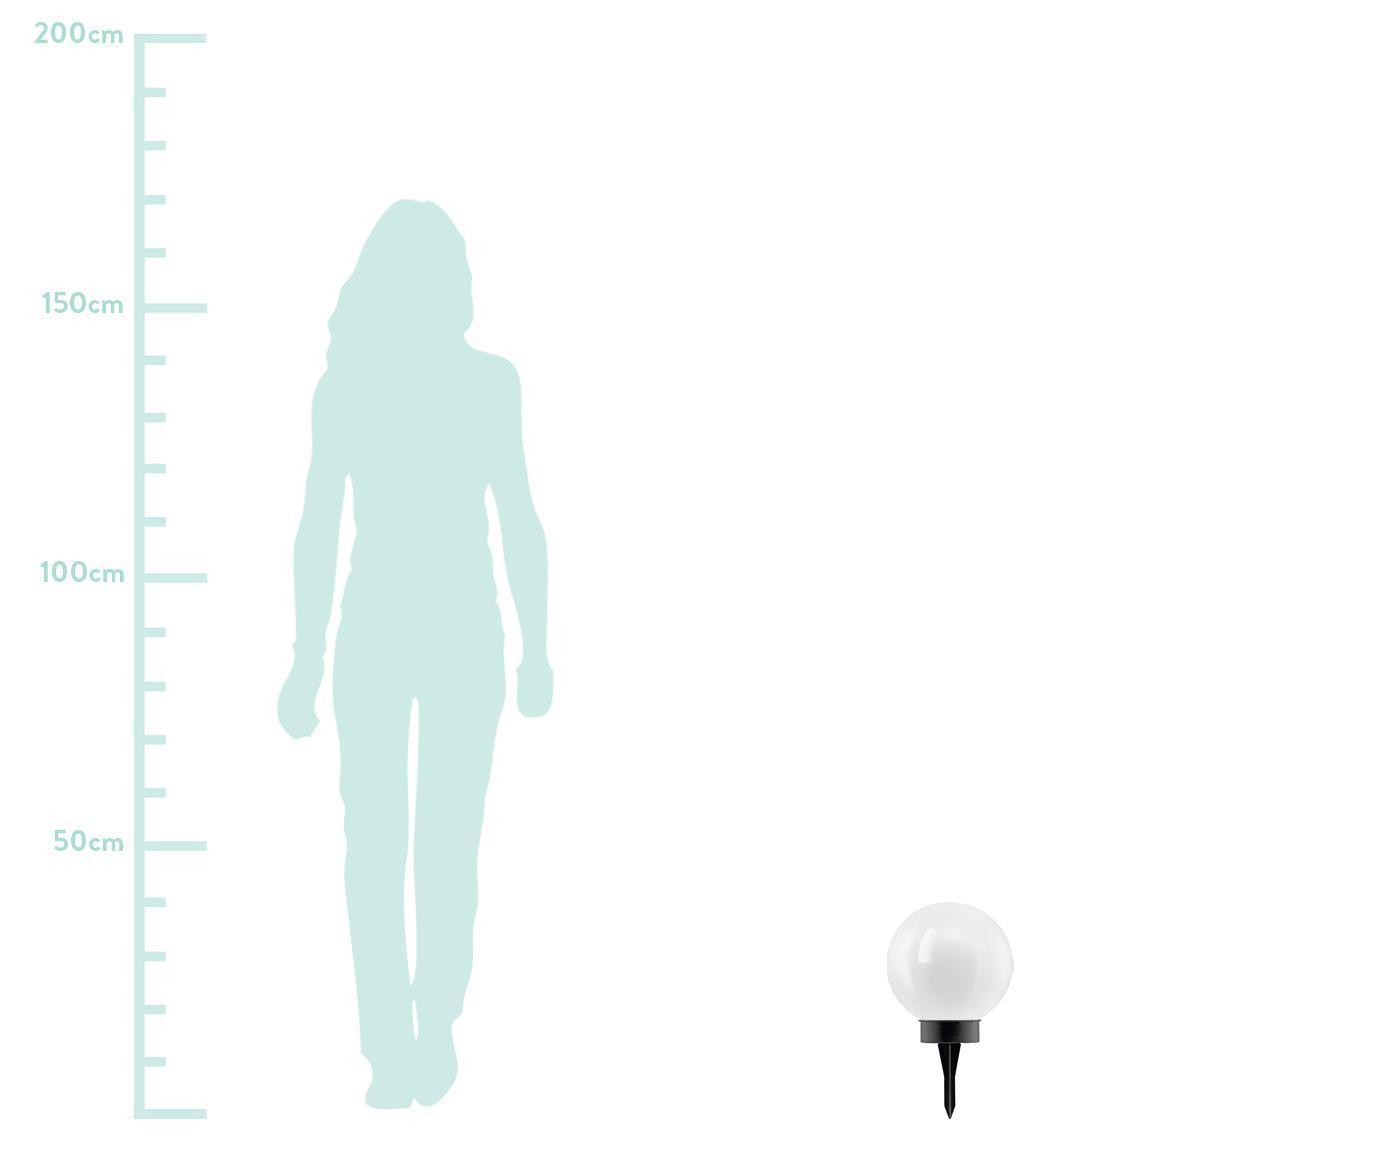 Lampa solarna LED Zindy, Tworzywo sztuczne, Czarny, biały, Ø 20 x W 40 cm